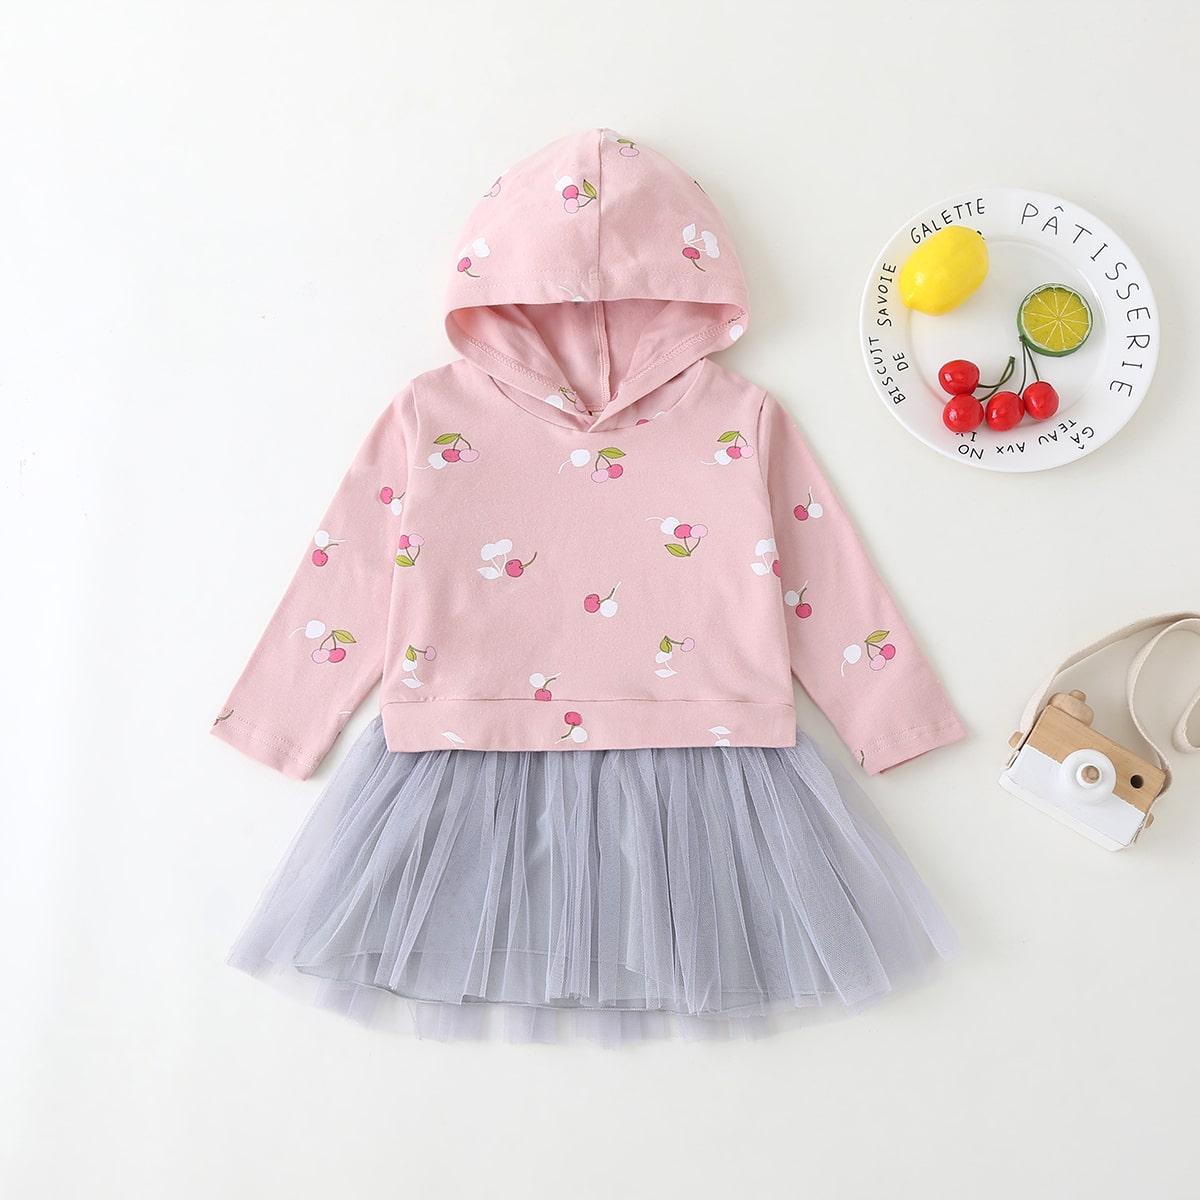 shein Schattig Fruit & groenten Baby-jurk Contrast doorschijnend